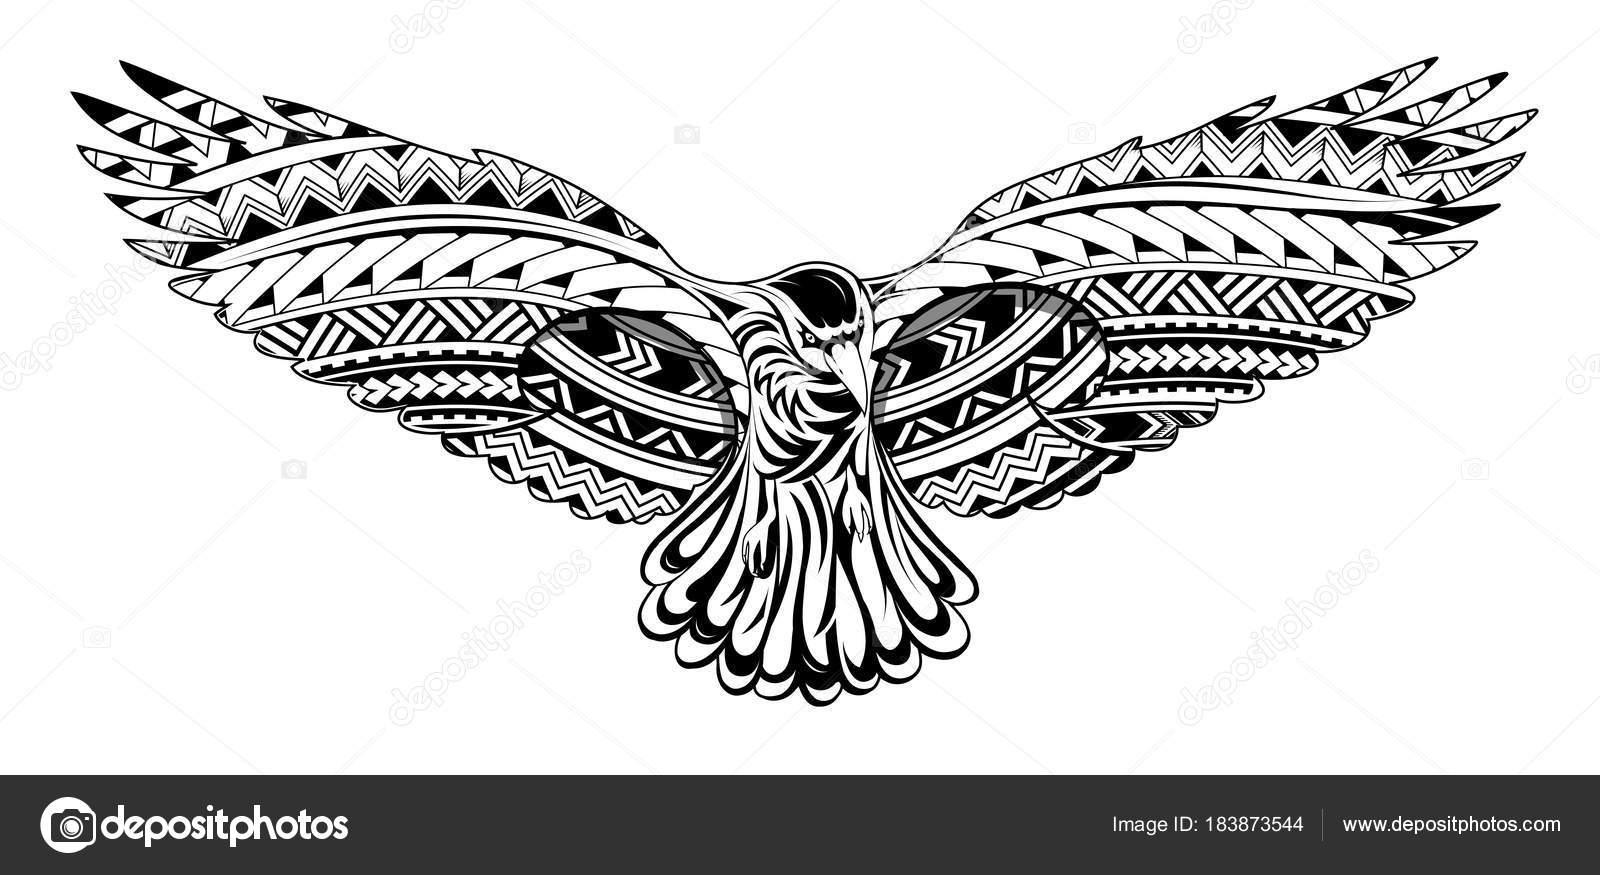 Dibujos Maories Para Colorear Tatuaje De Cuervo Con